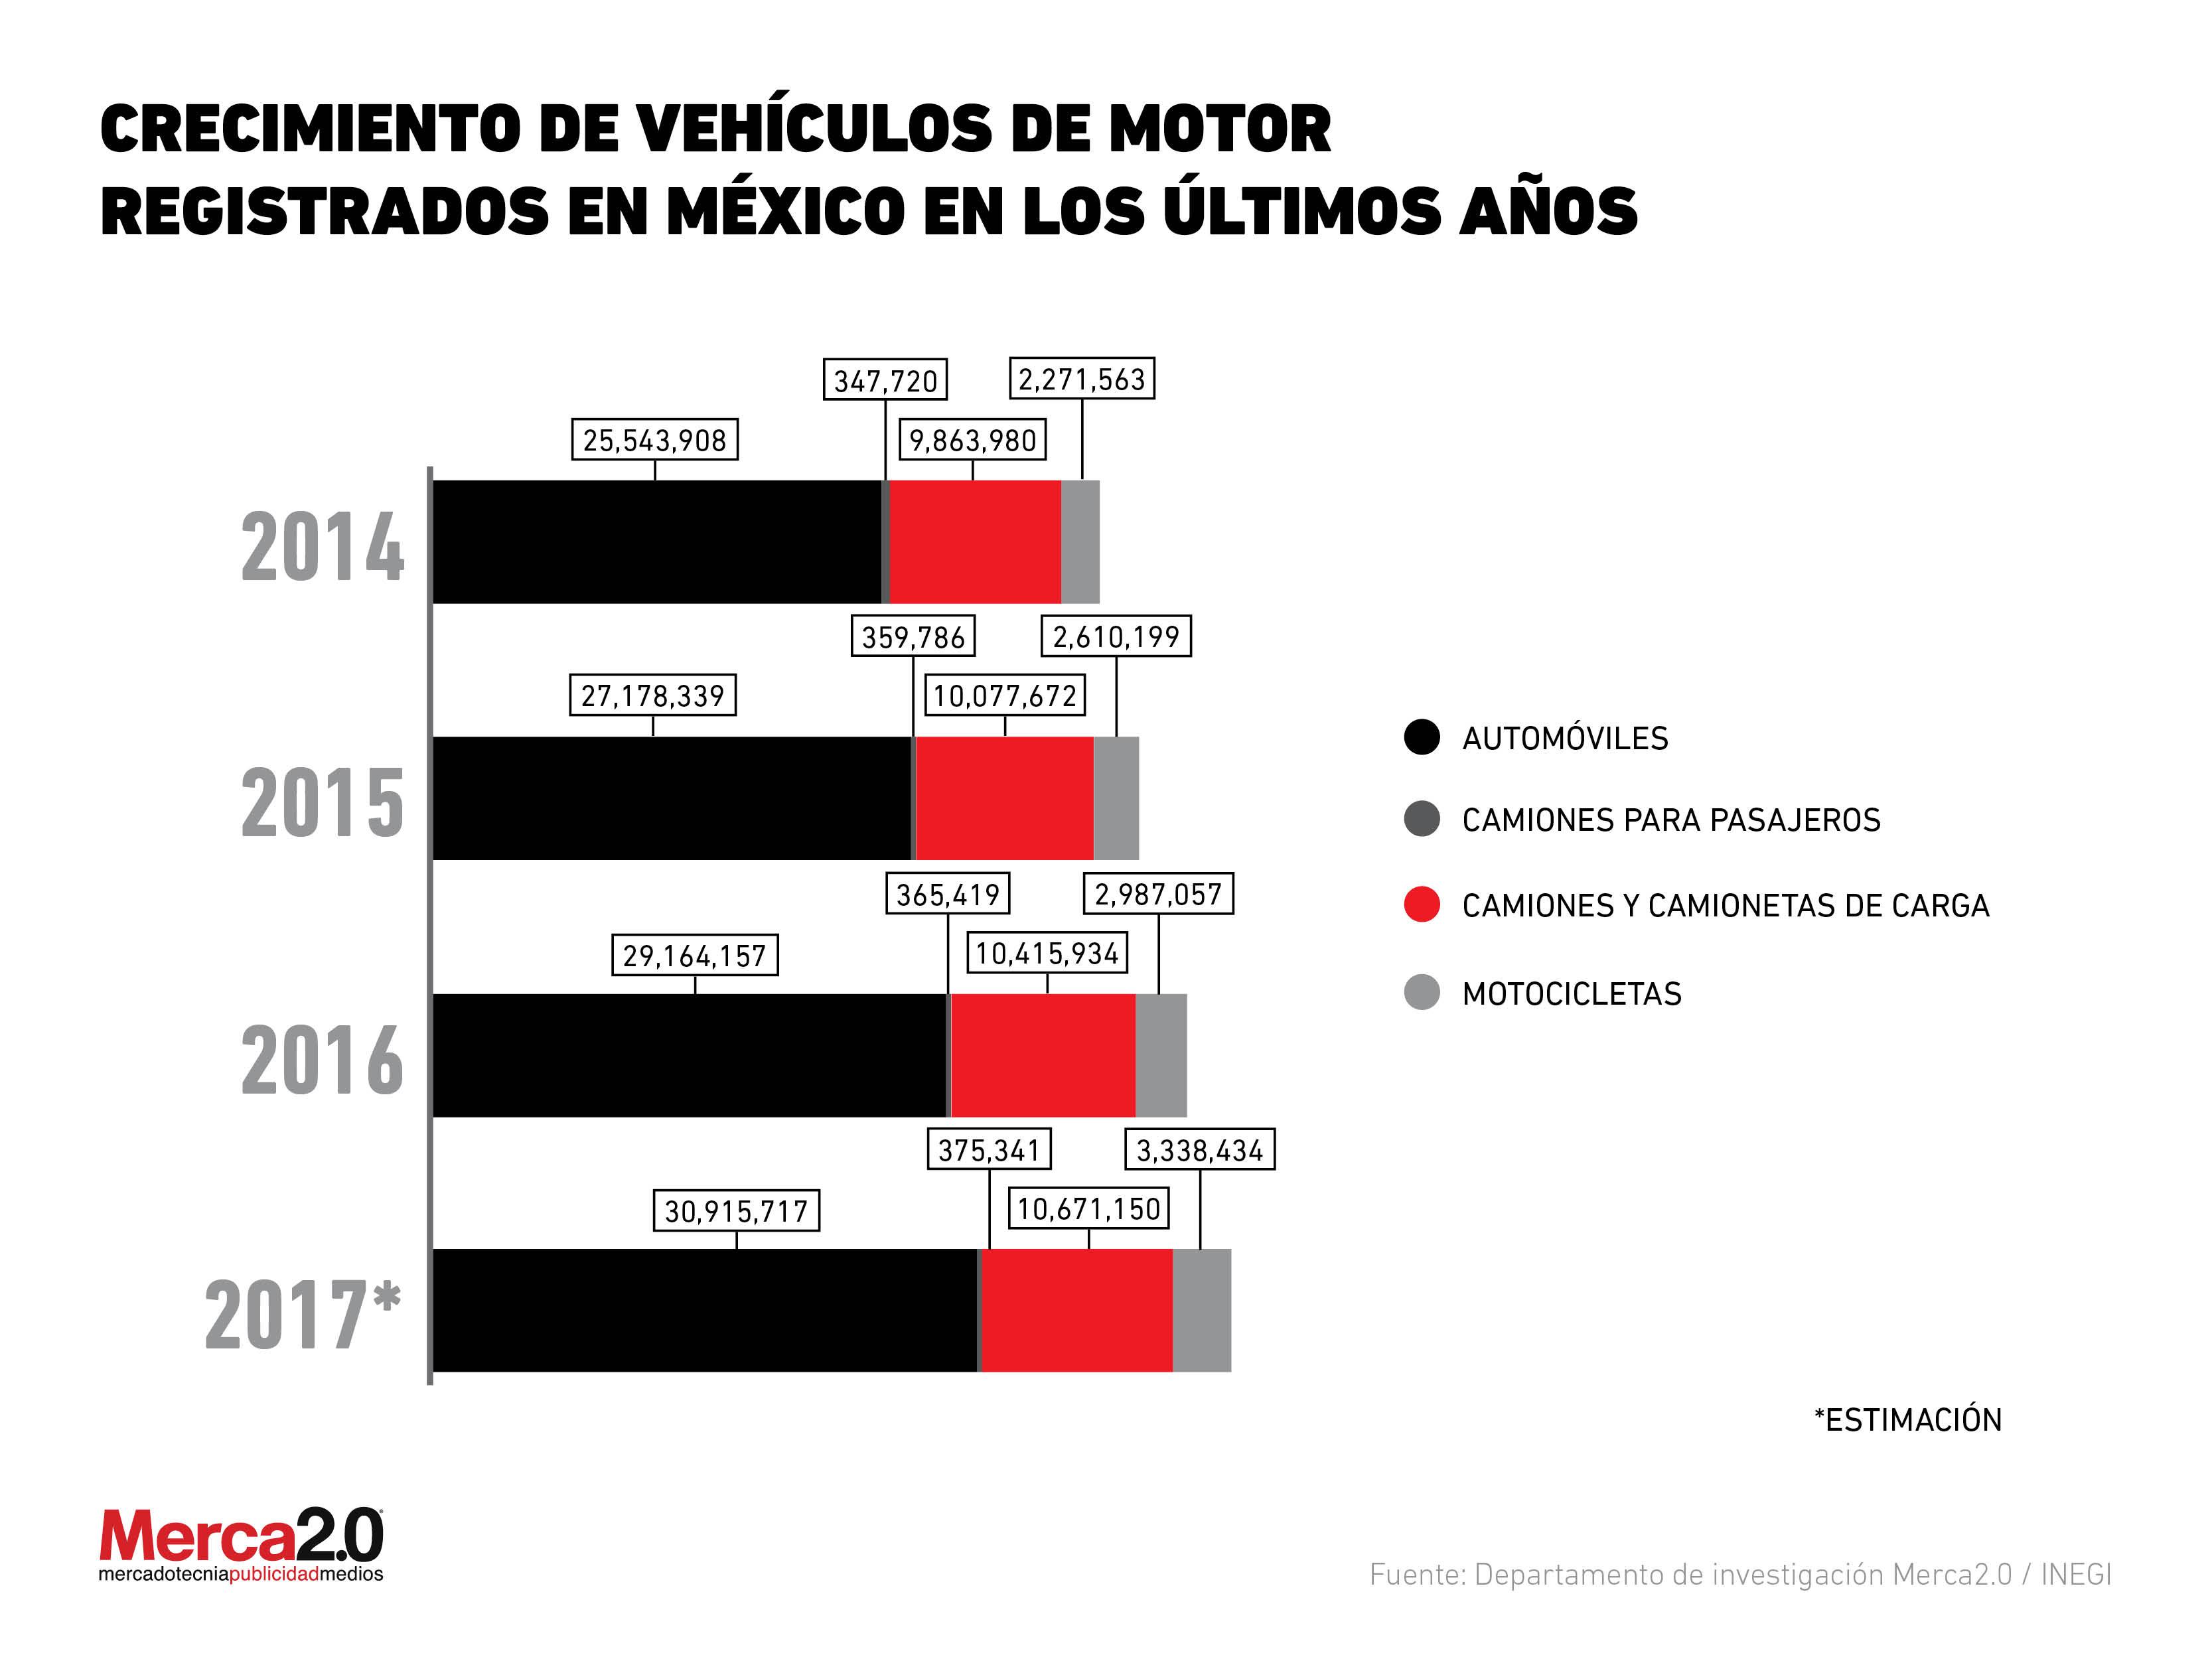 Crecimiento de vehículos de motor registrados en México en los últimos años